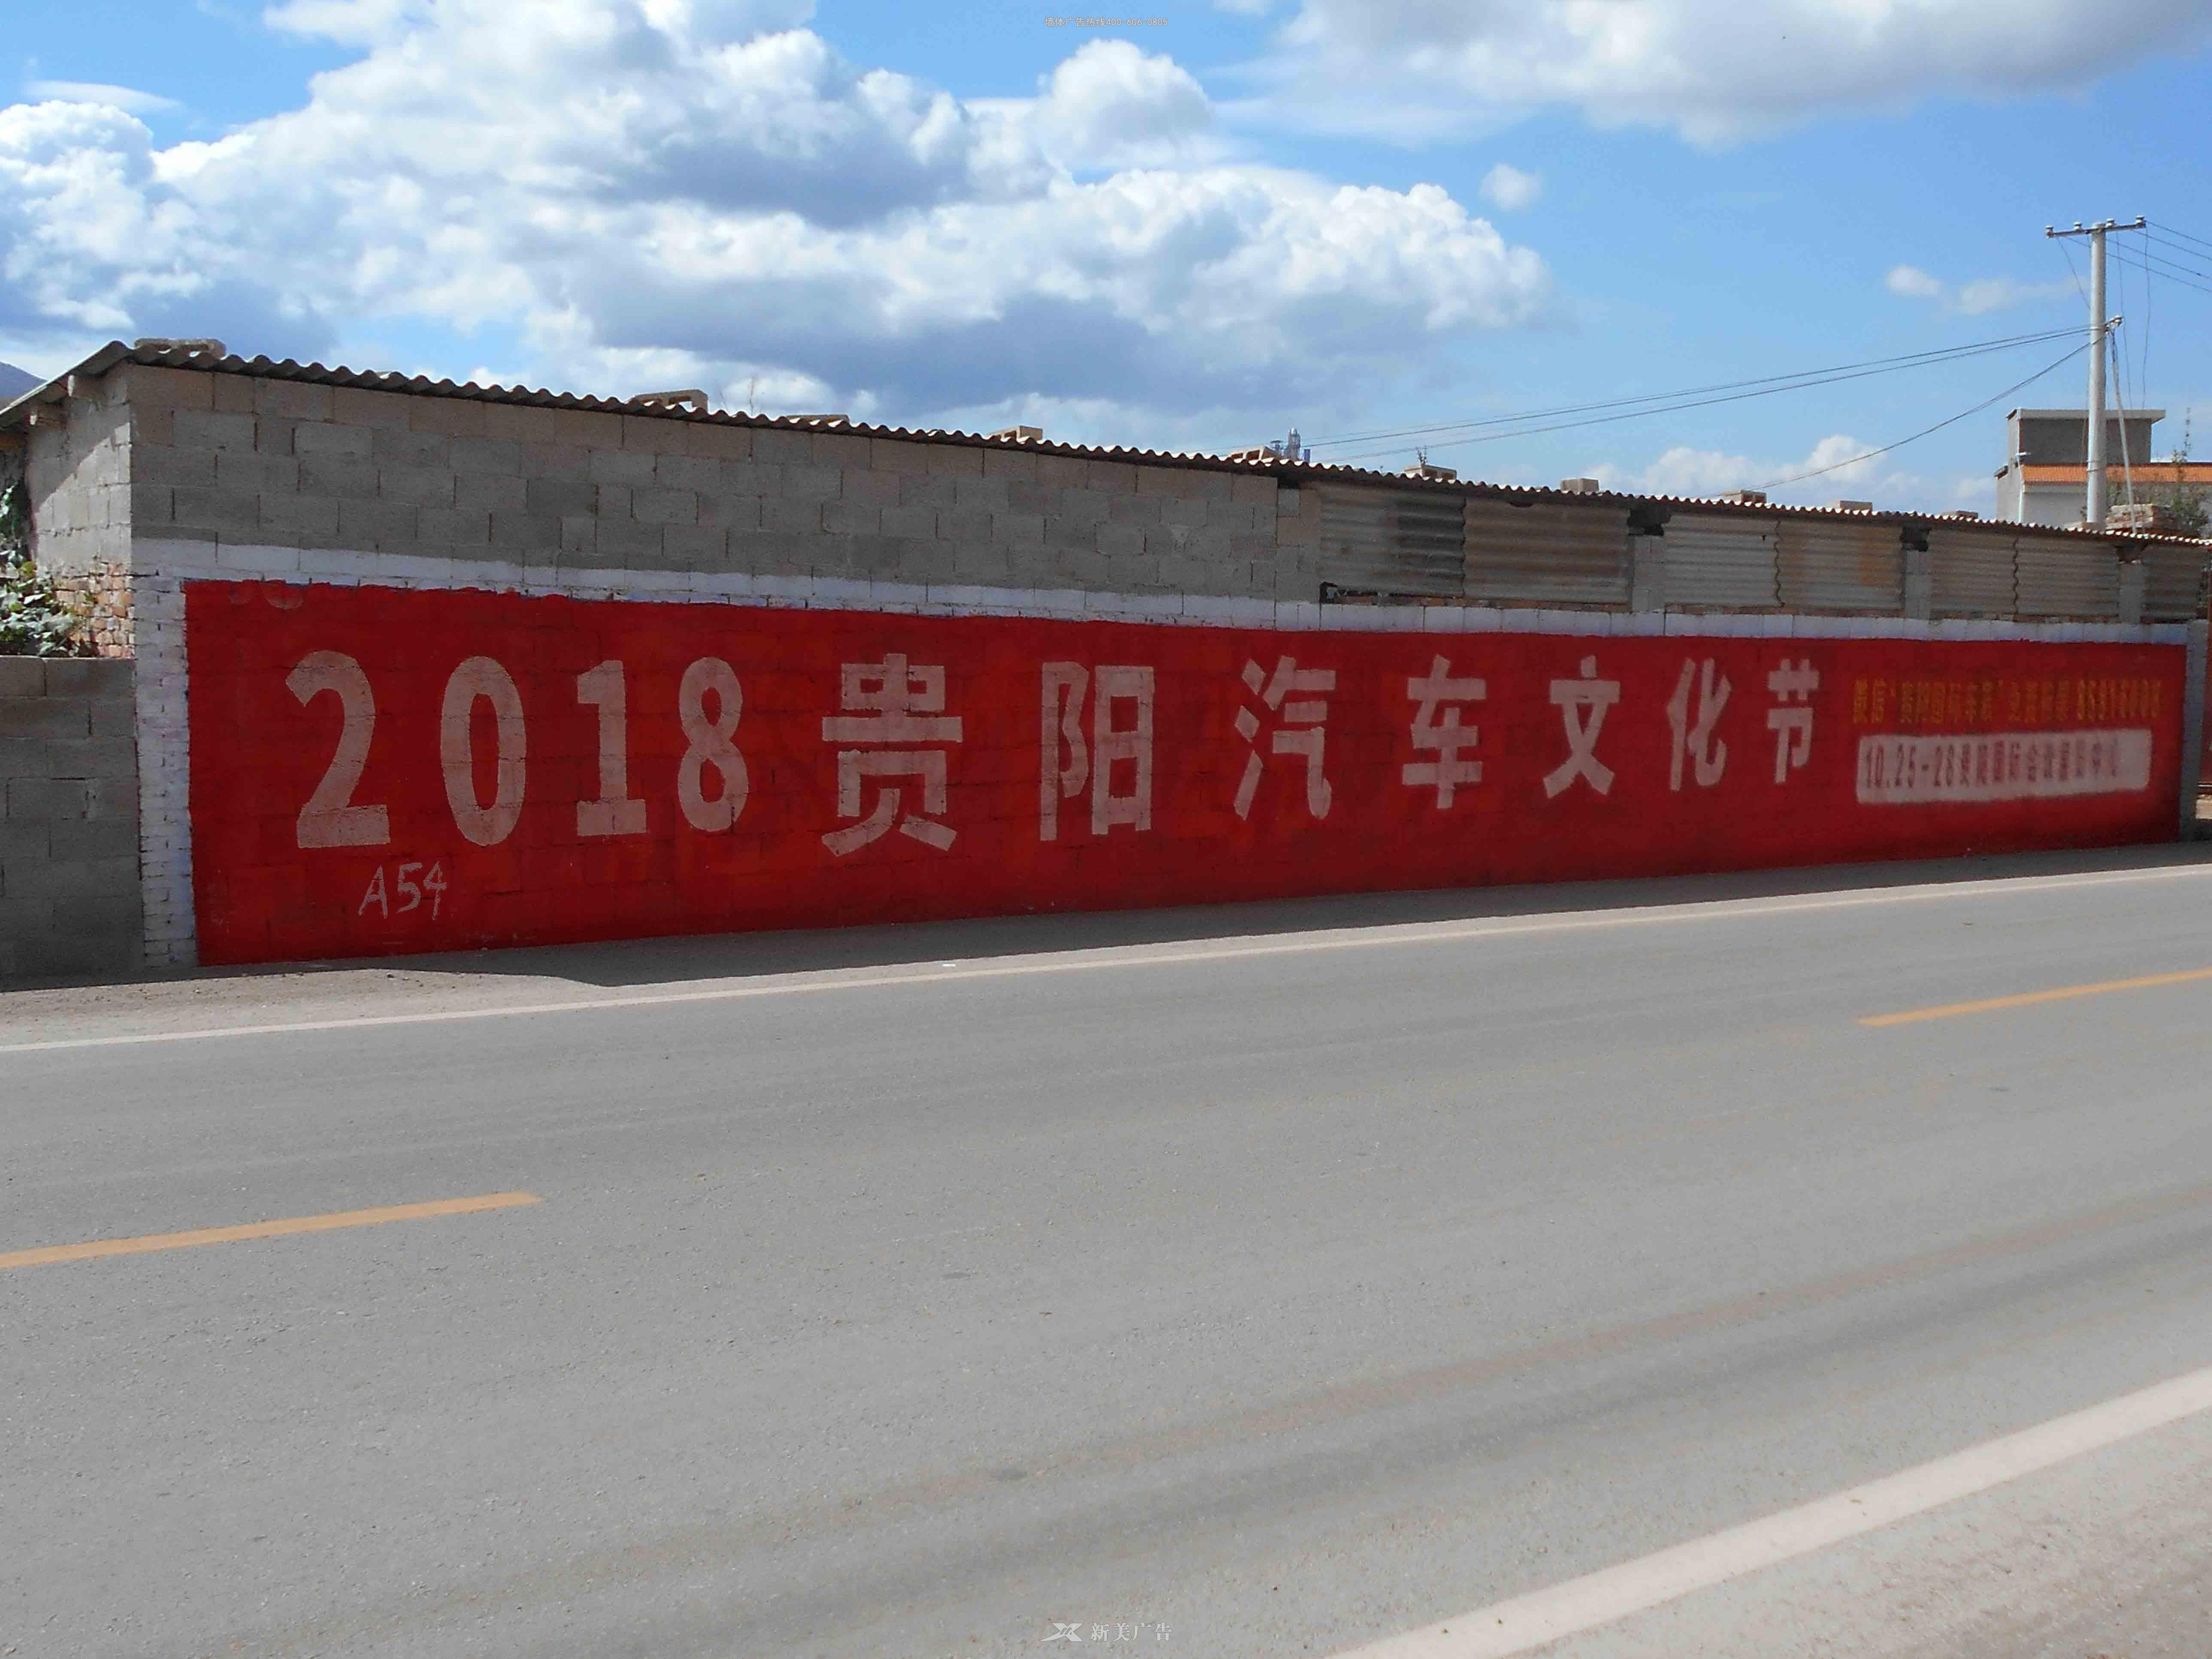 贵阳车展凤凰彩票极速pk10计划全天在线广告